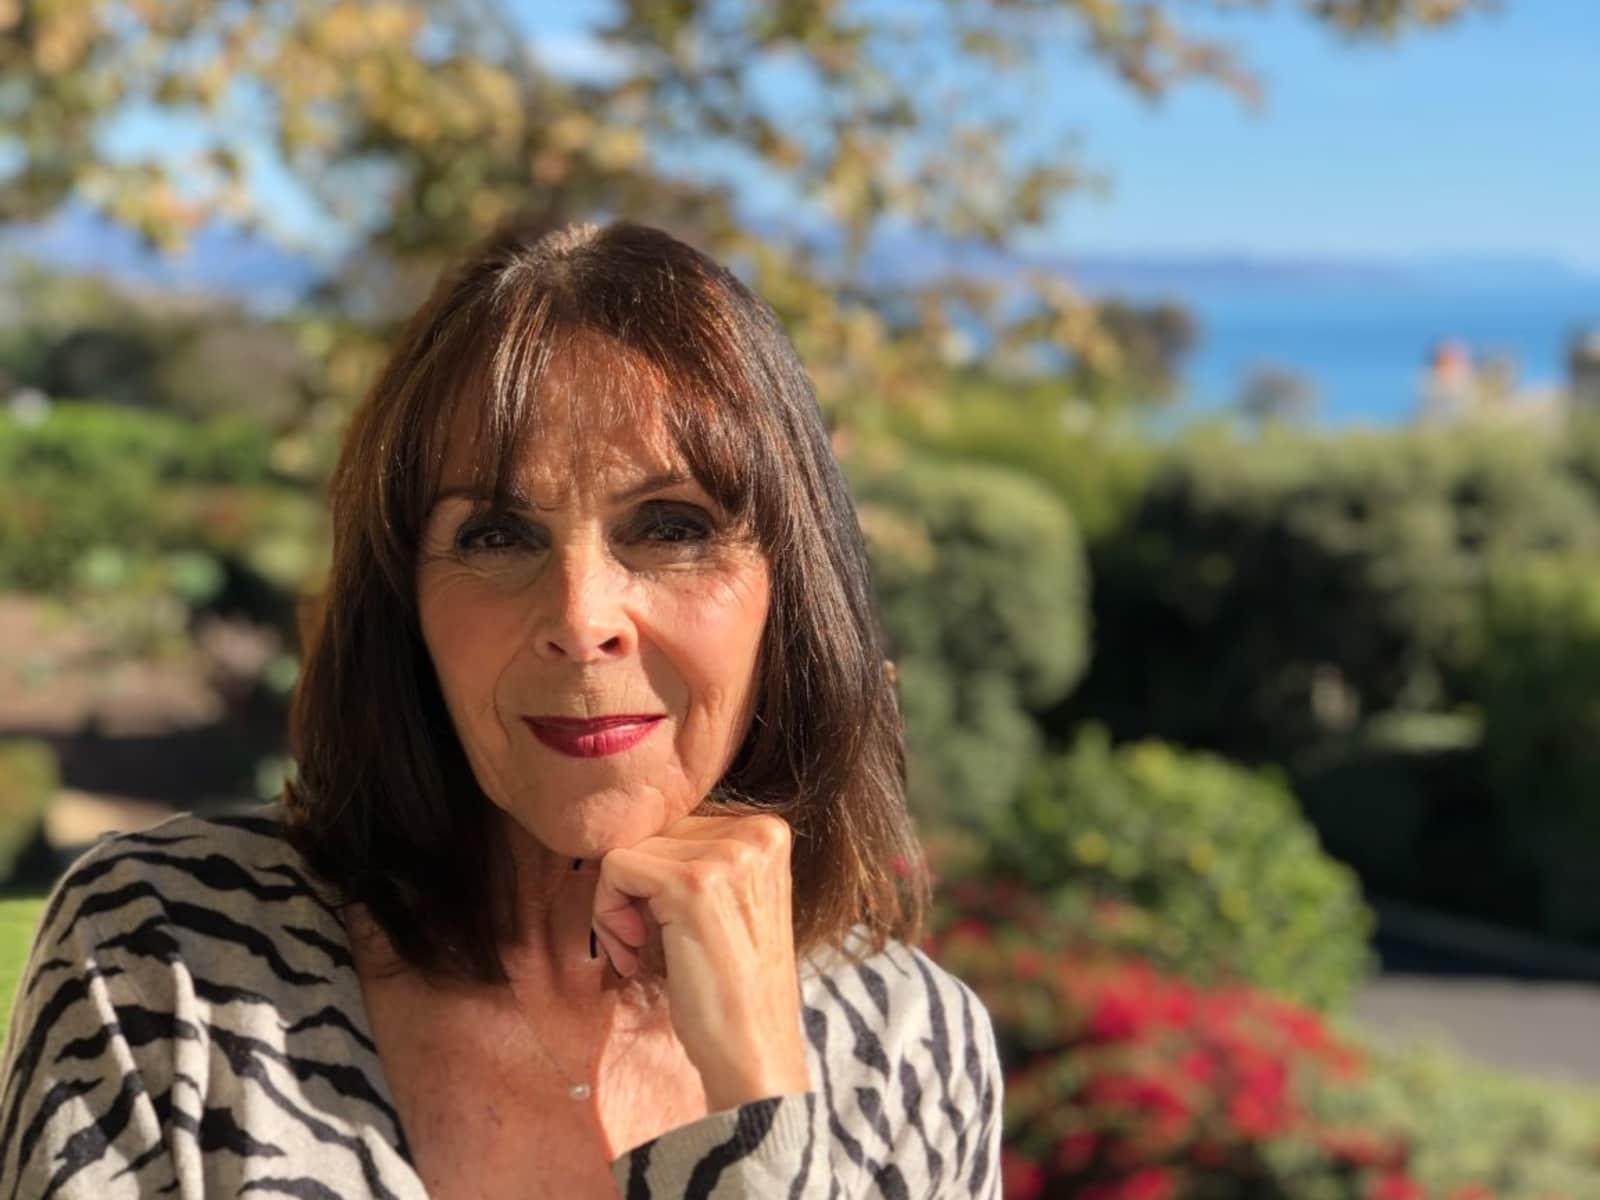 Barbara from Santa Barbara, California, United States